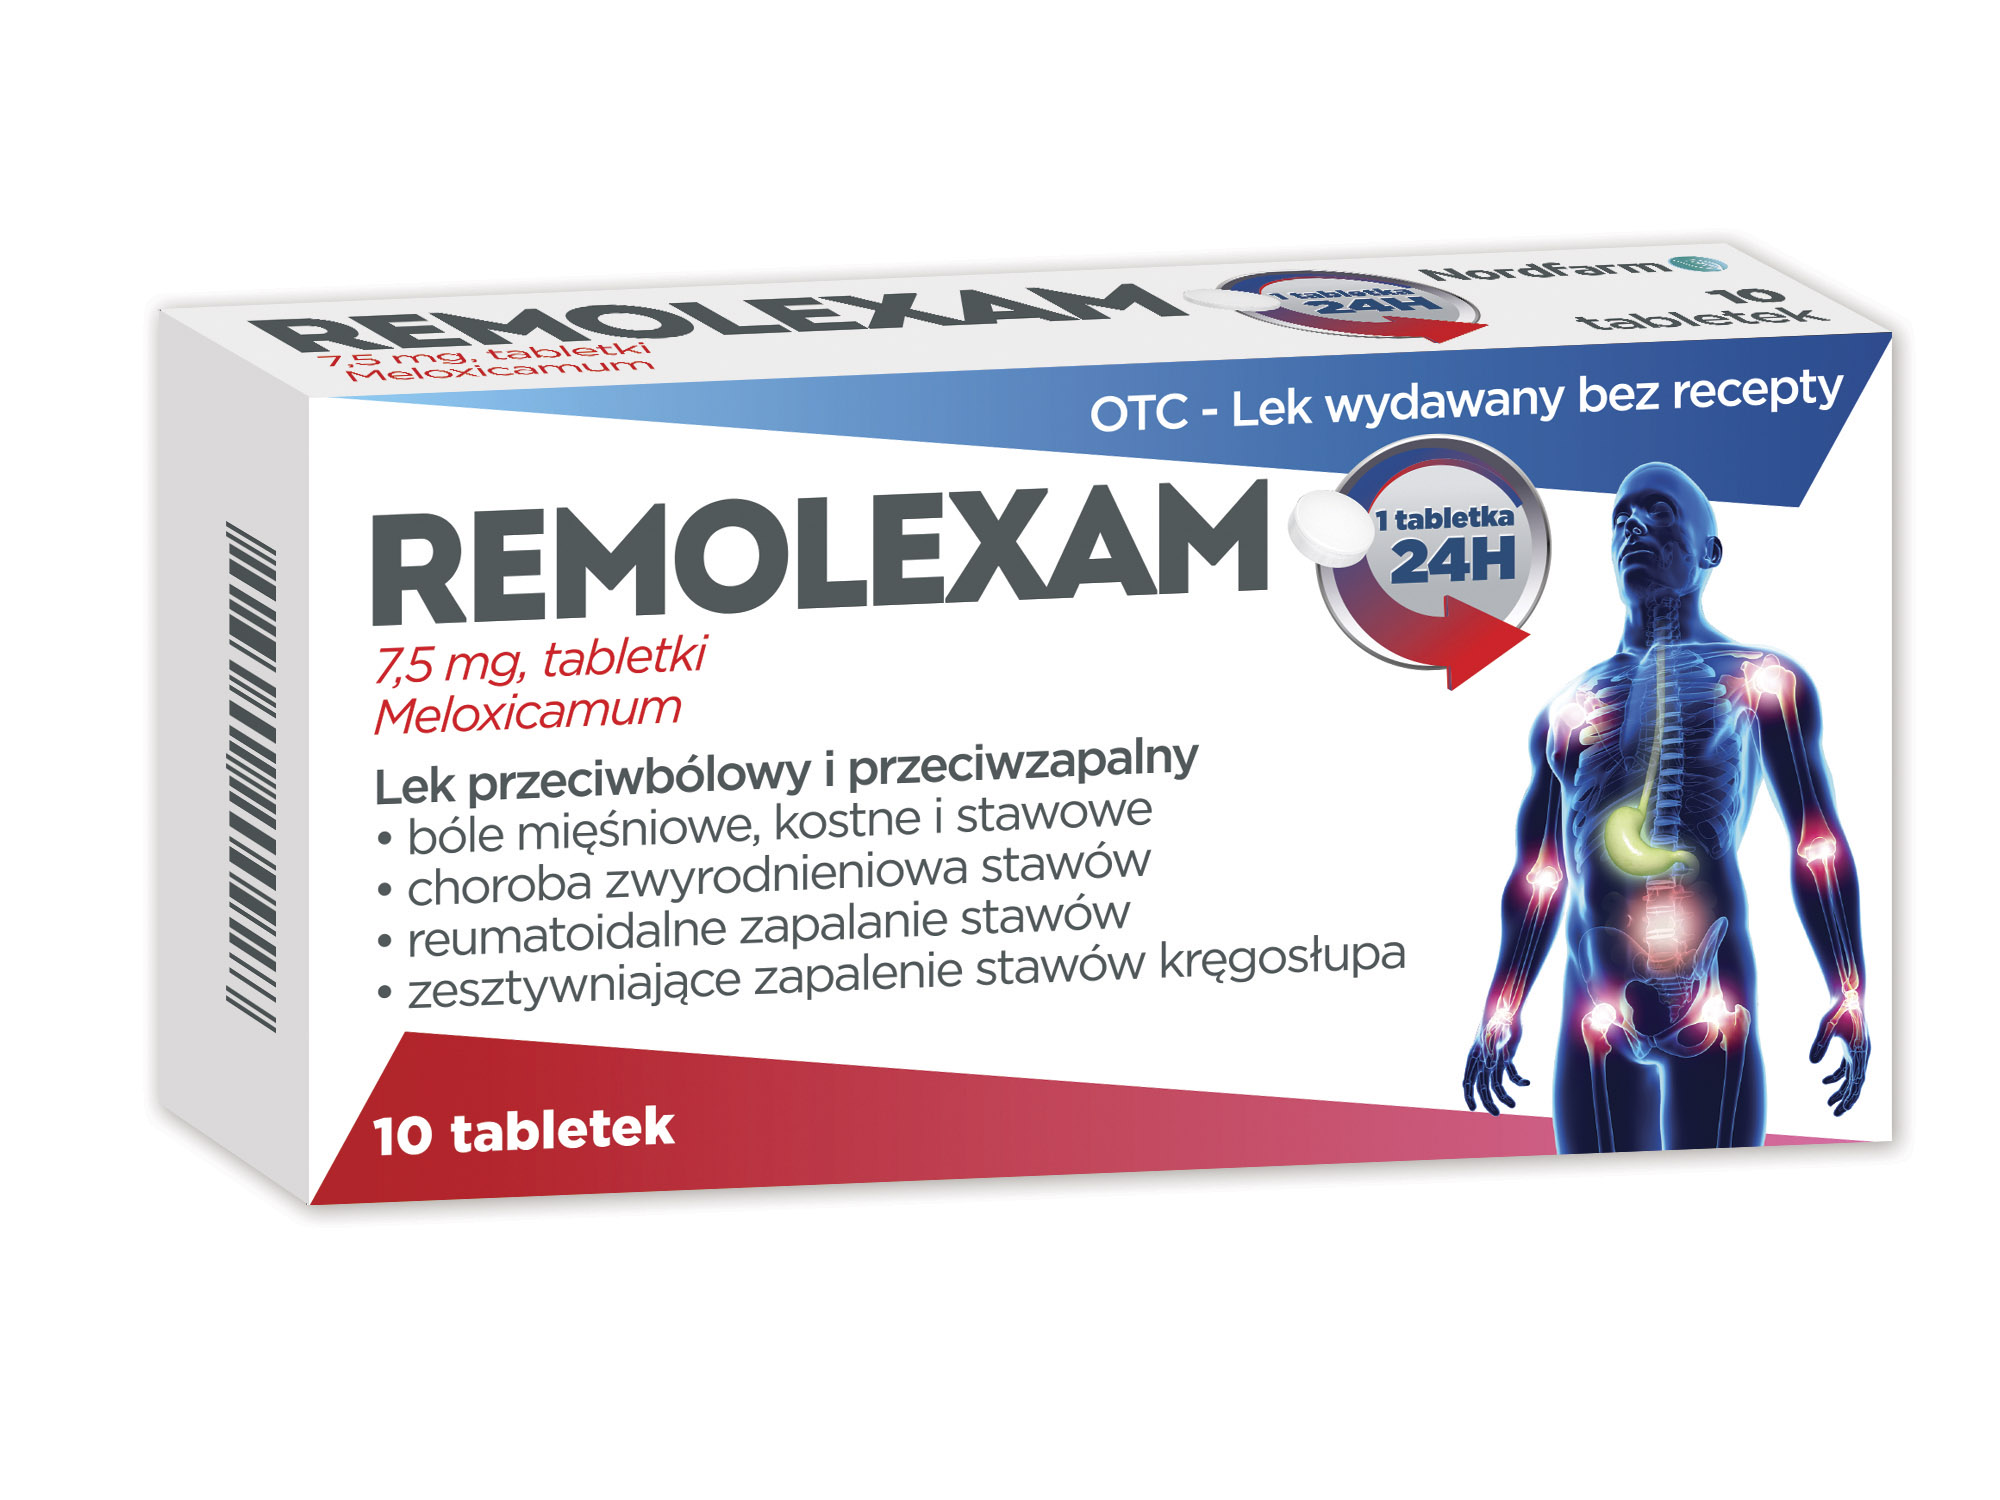 Remolexam